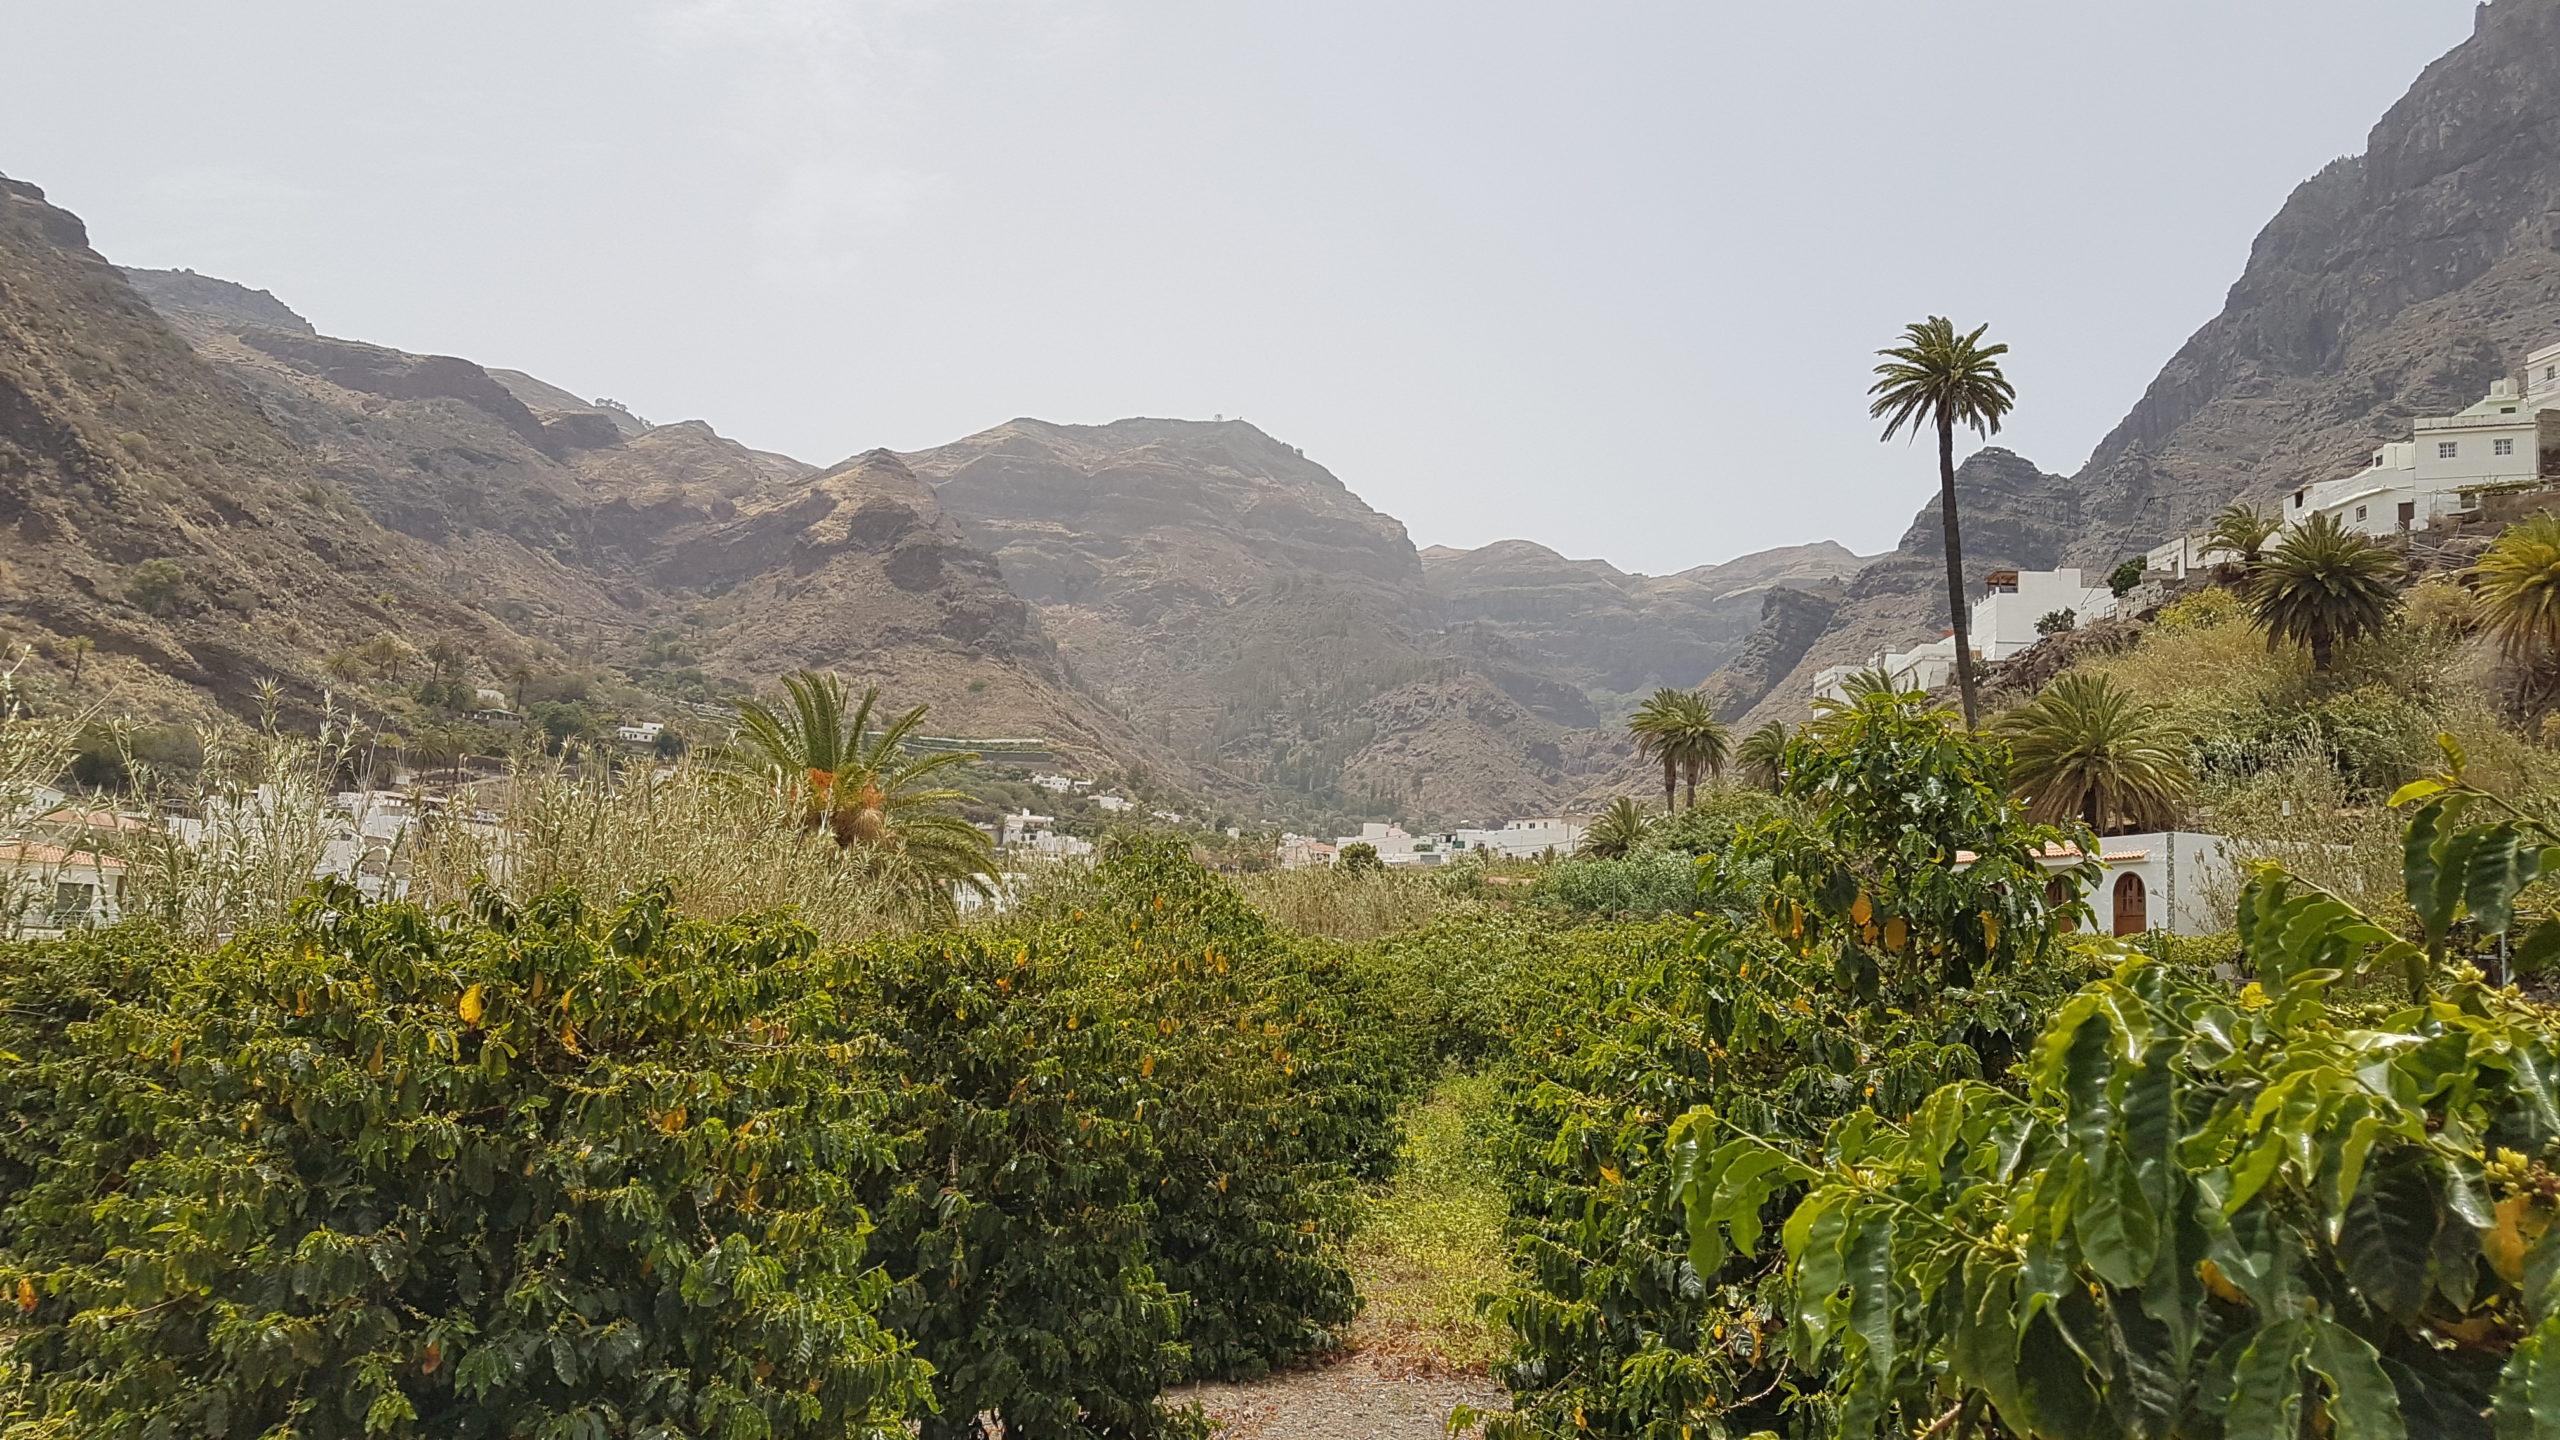 Lage der Finca Los Castanos im Tal